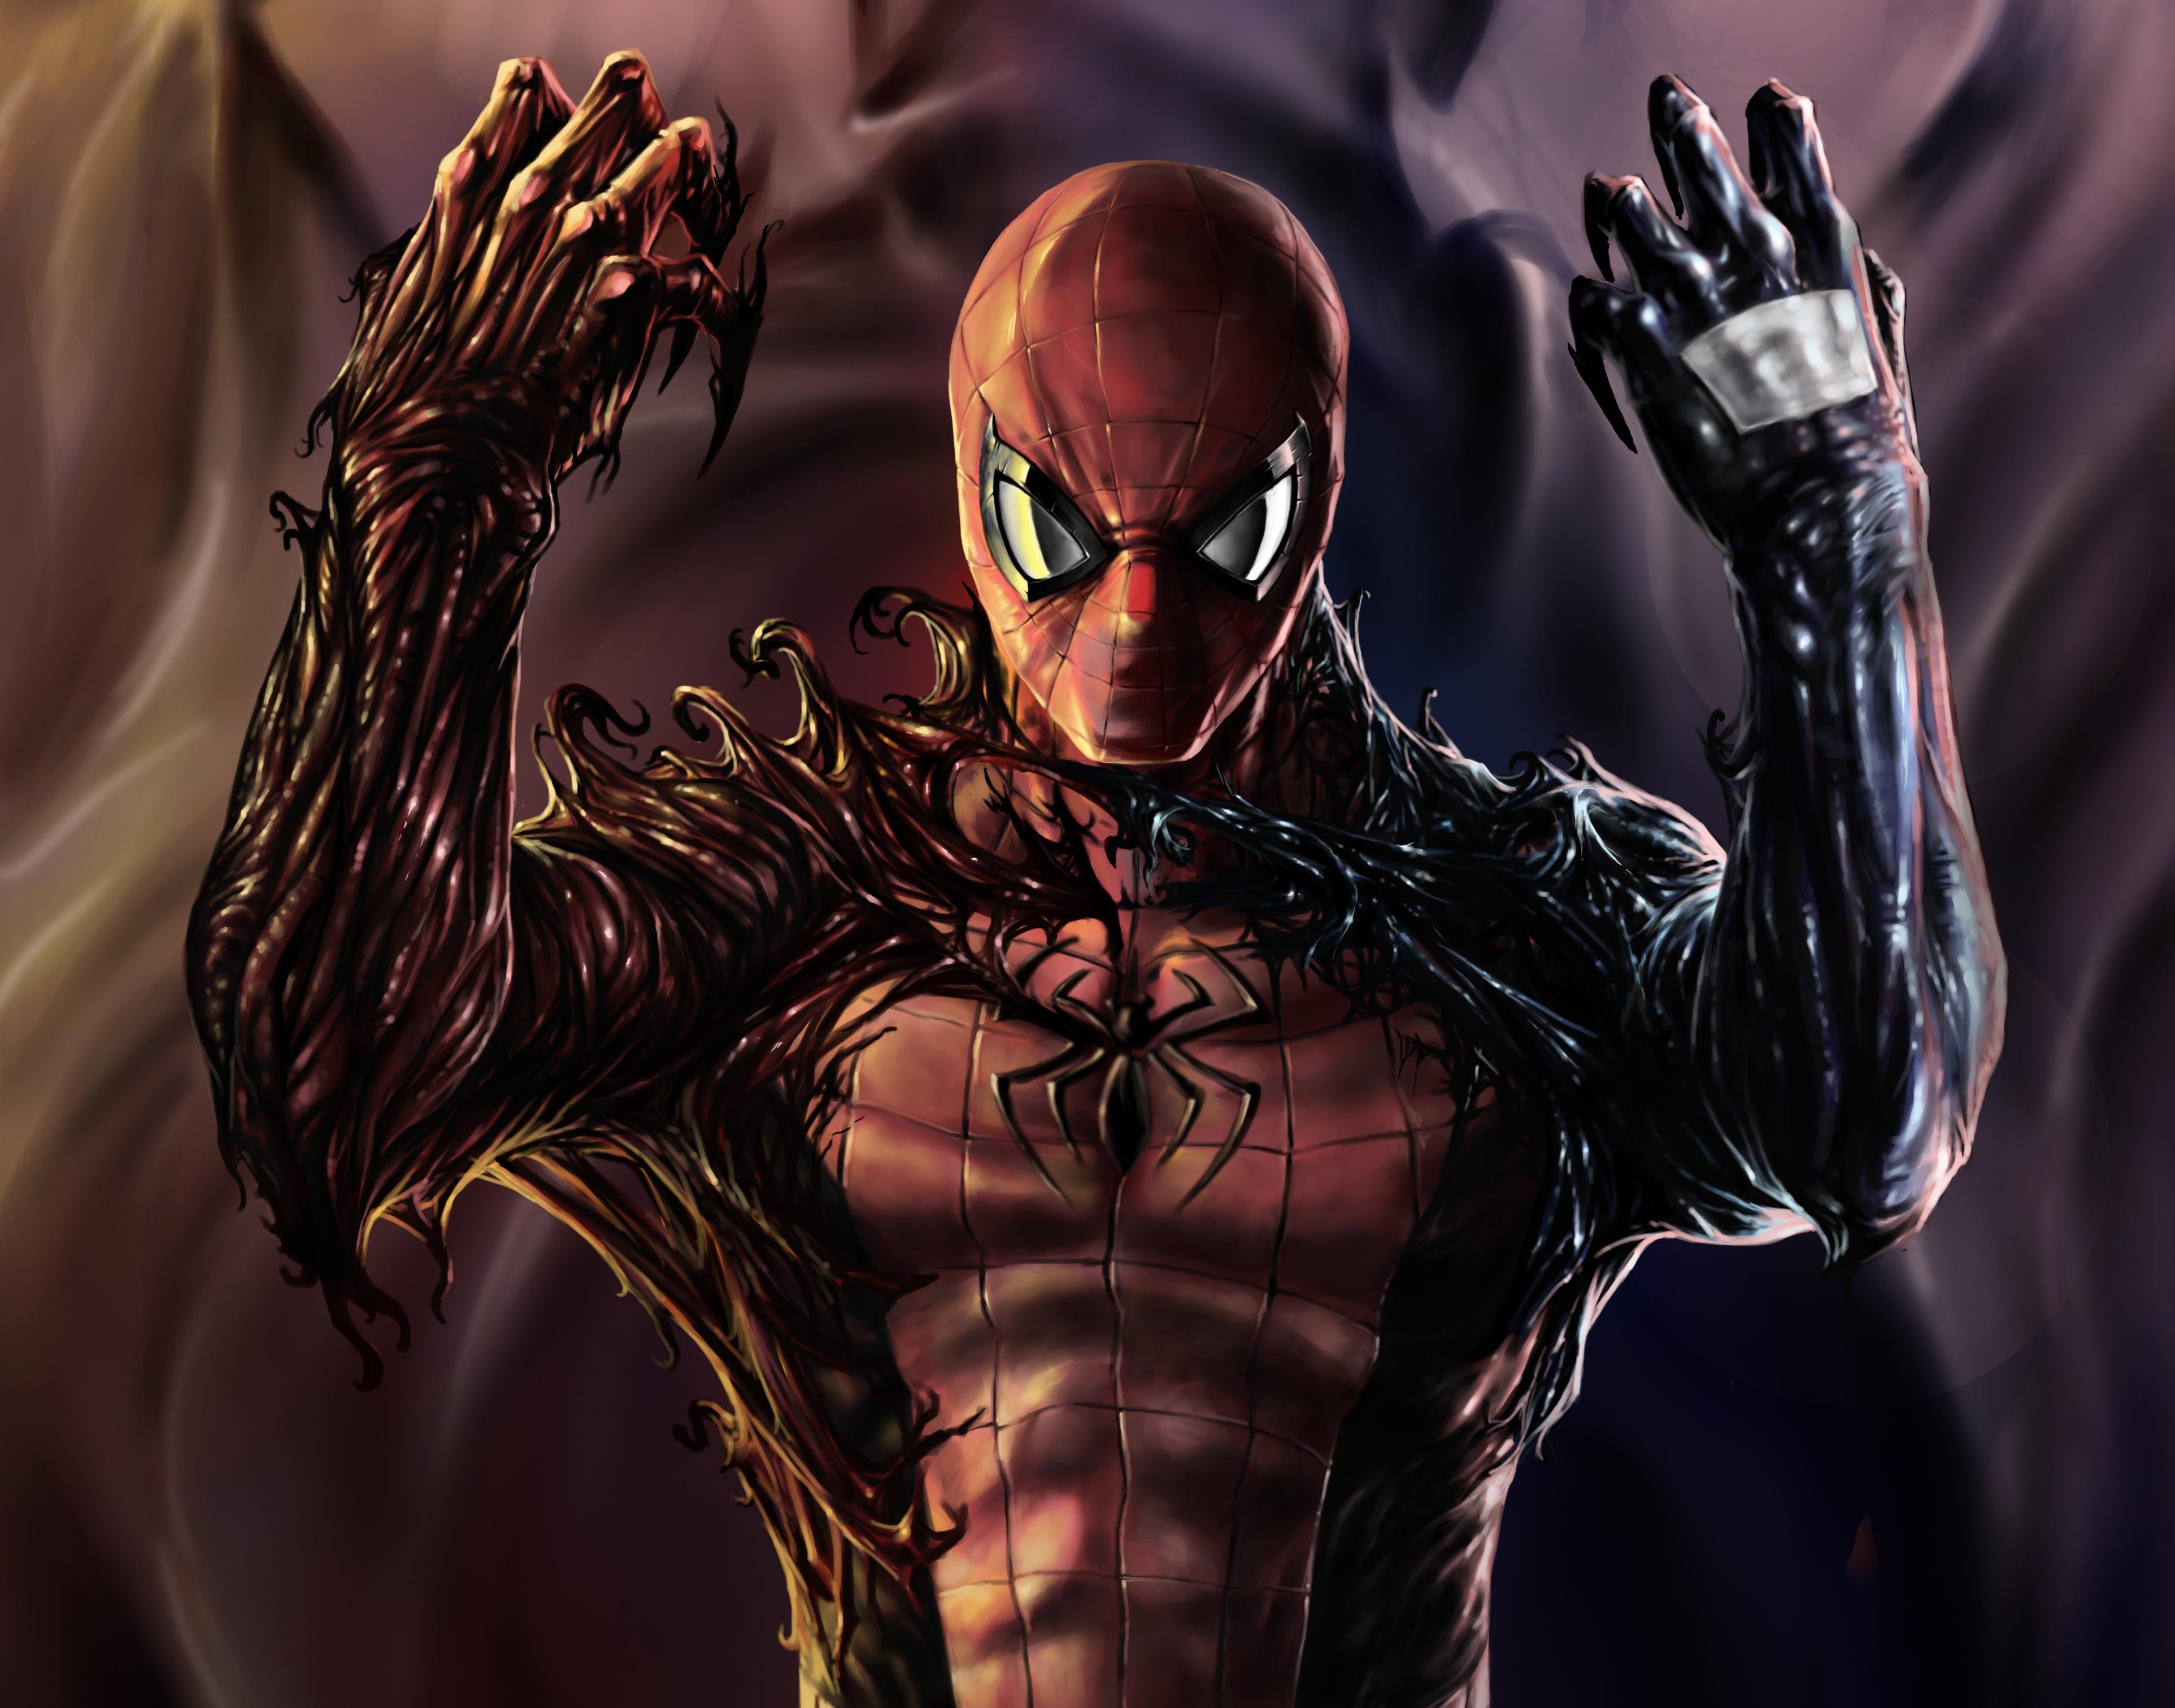 Carnage Venom Spiderman Artwork Hd Superheroes 4k Wallpapers